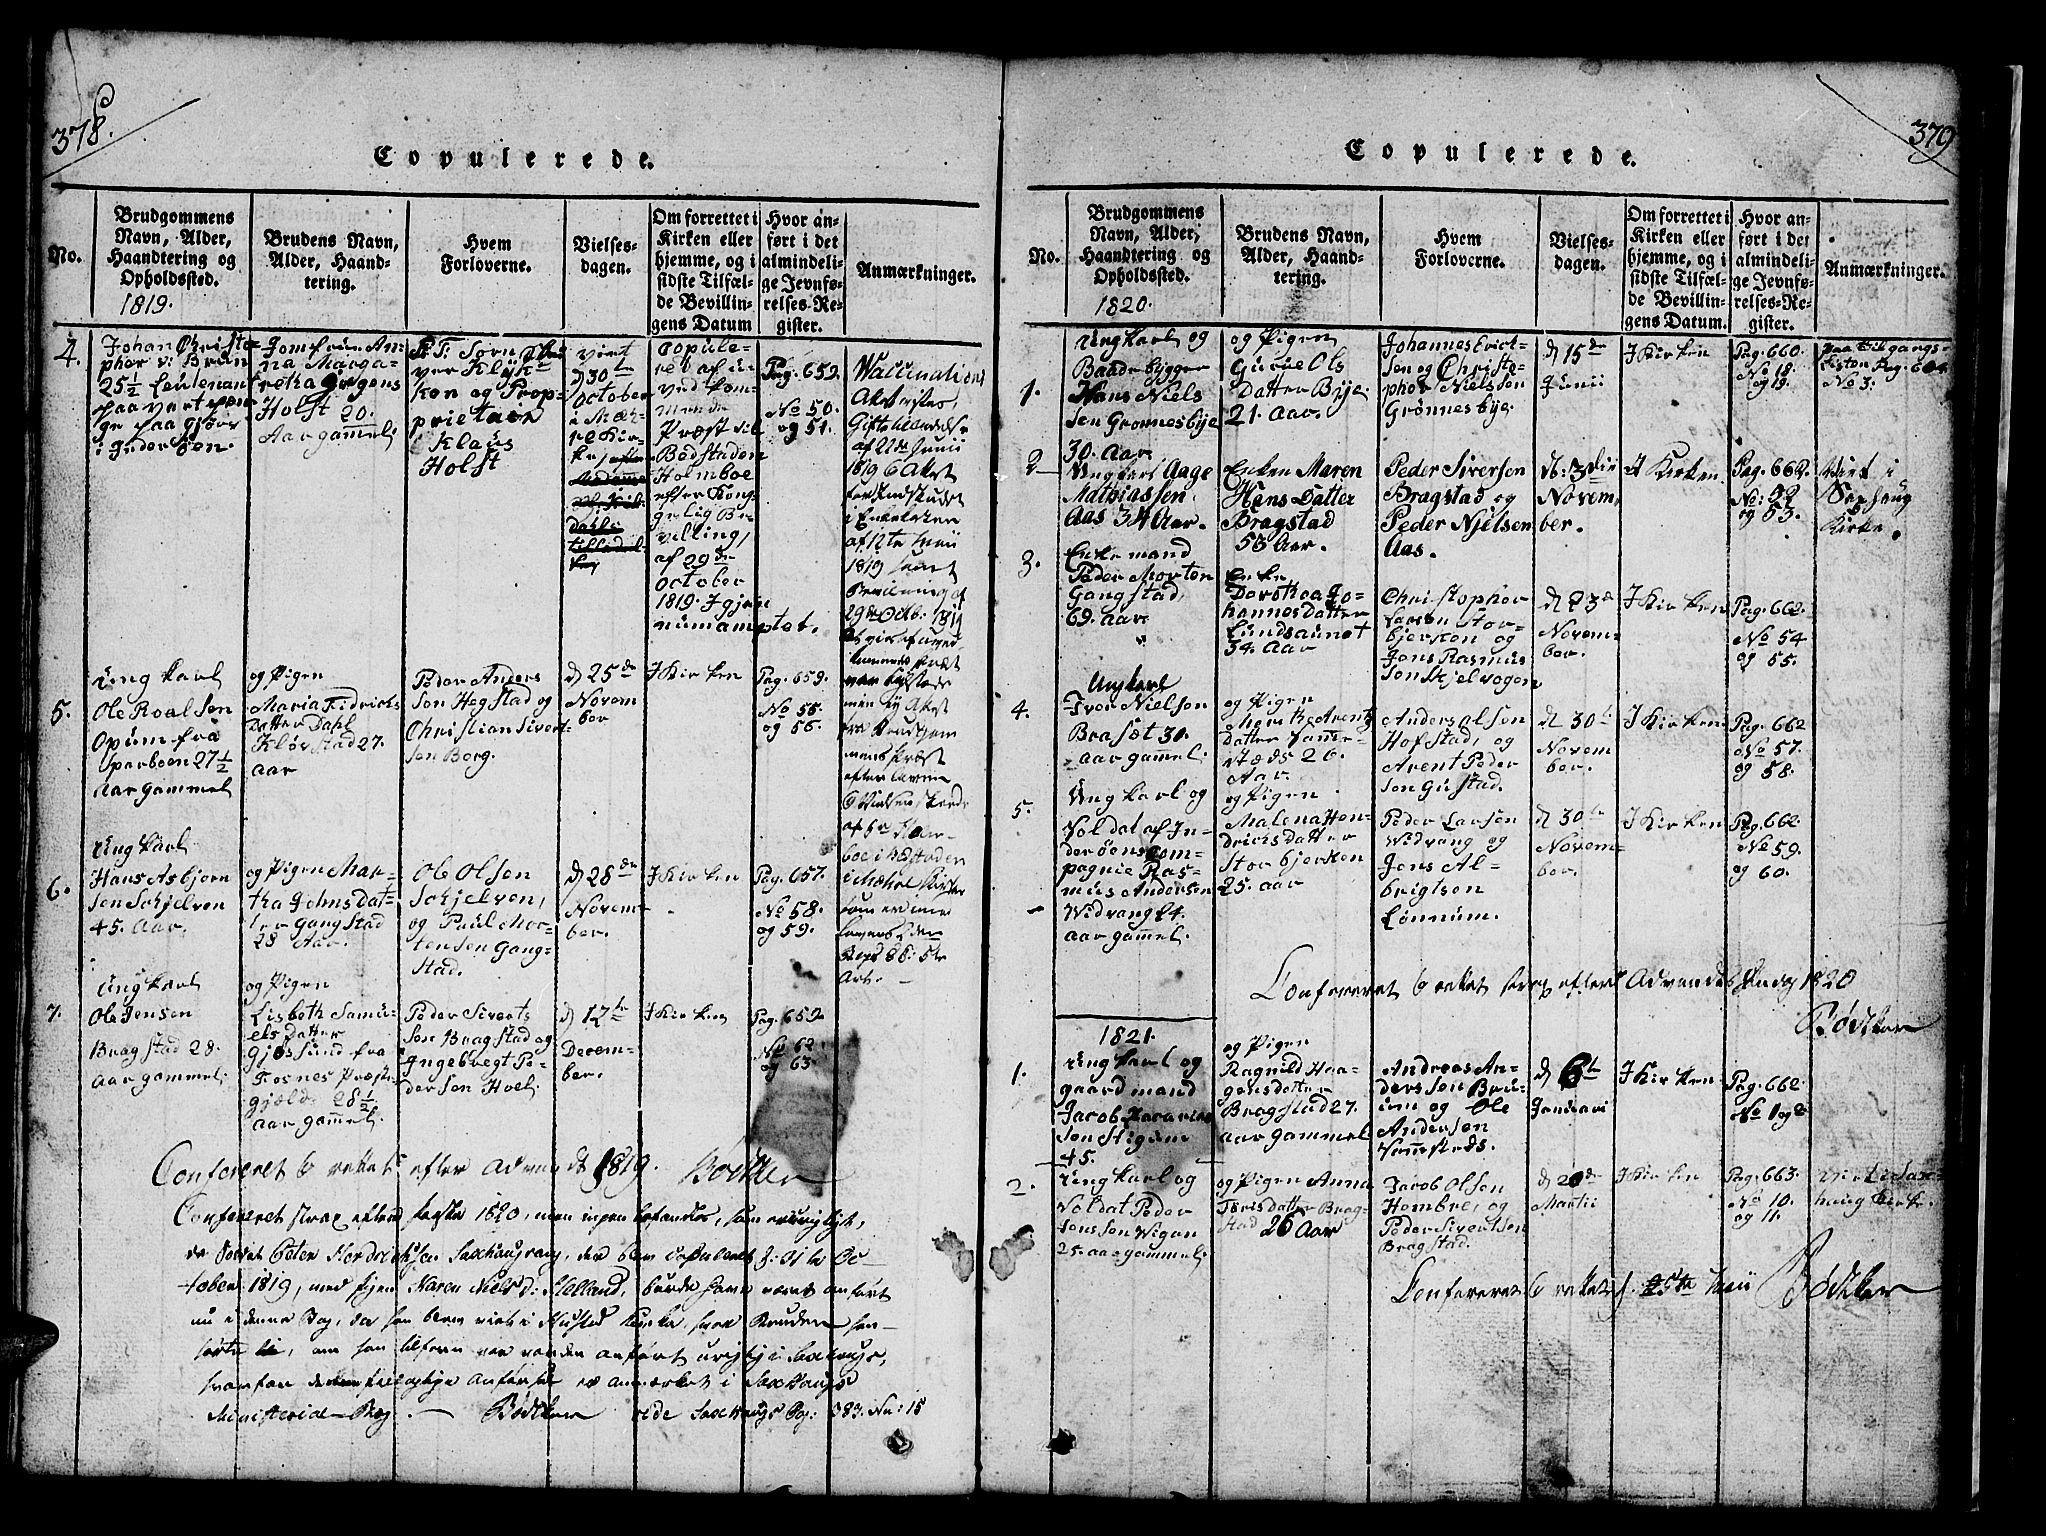 SAT, Ministerialprotokoller, klokkerbøker og fødselsregistre - Nord-Trøndelag, 732/L0317: Klokkerbok nr. 732C01, 1816-1881, s. 378-379